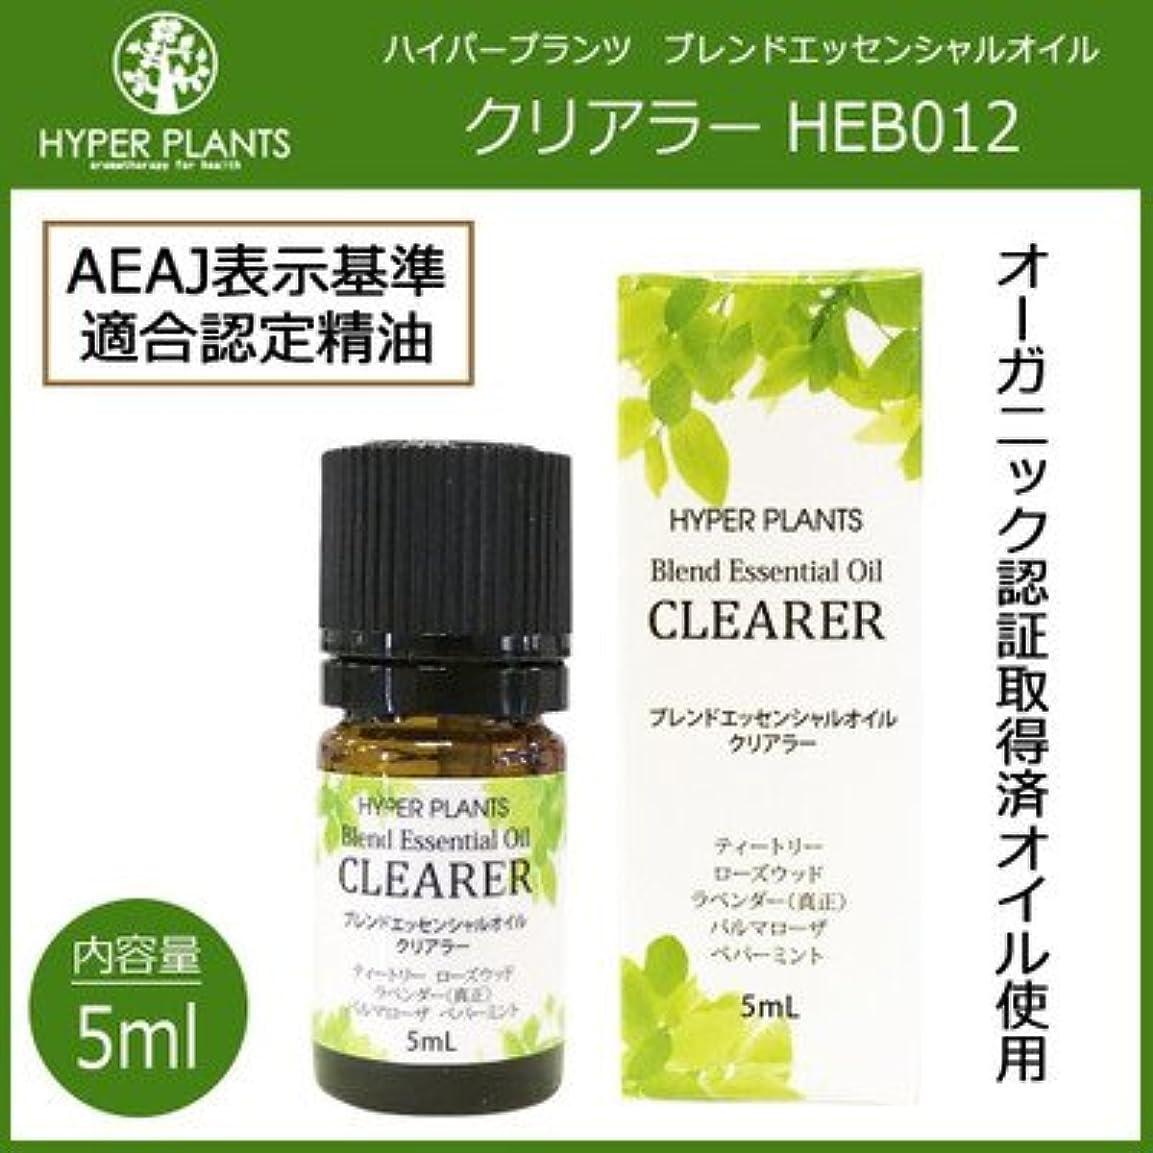 批判的容量不合格毎日の生活にアロマの香りを HYPER PLANTS ハイパープランツ ブレンドエッセンシャルオイル クリアラー 5ml HEB012